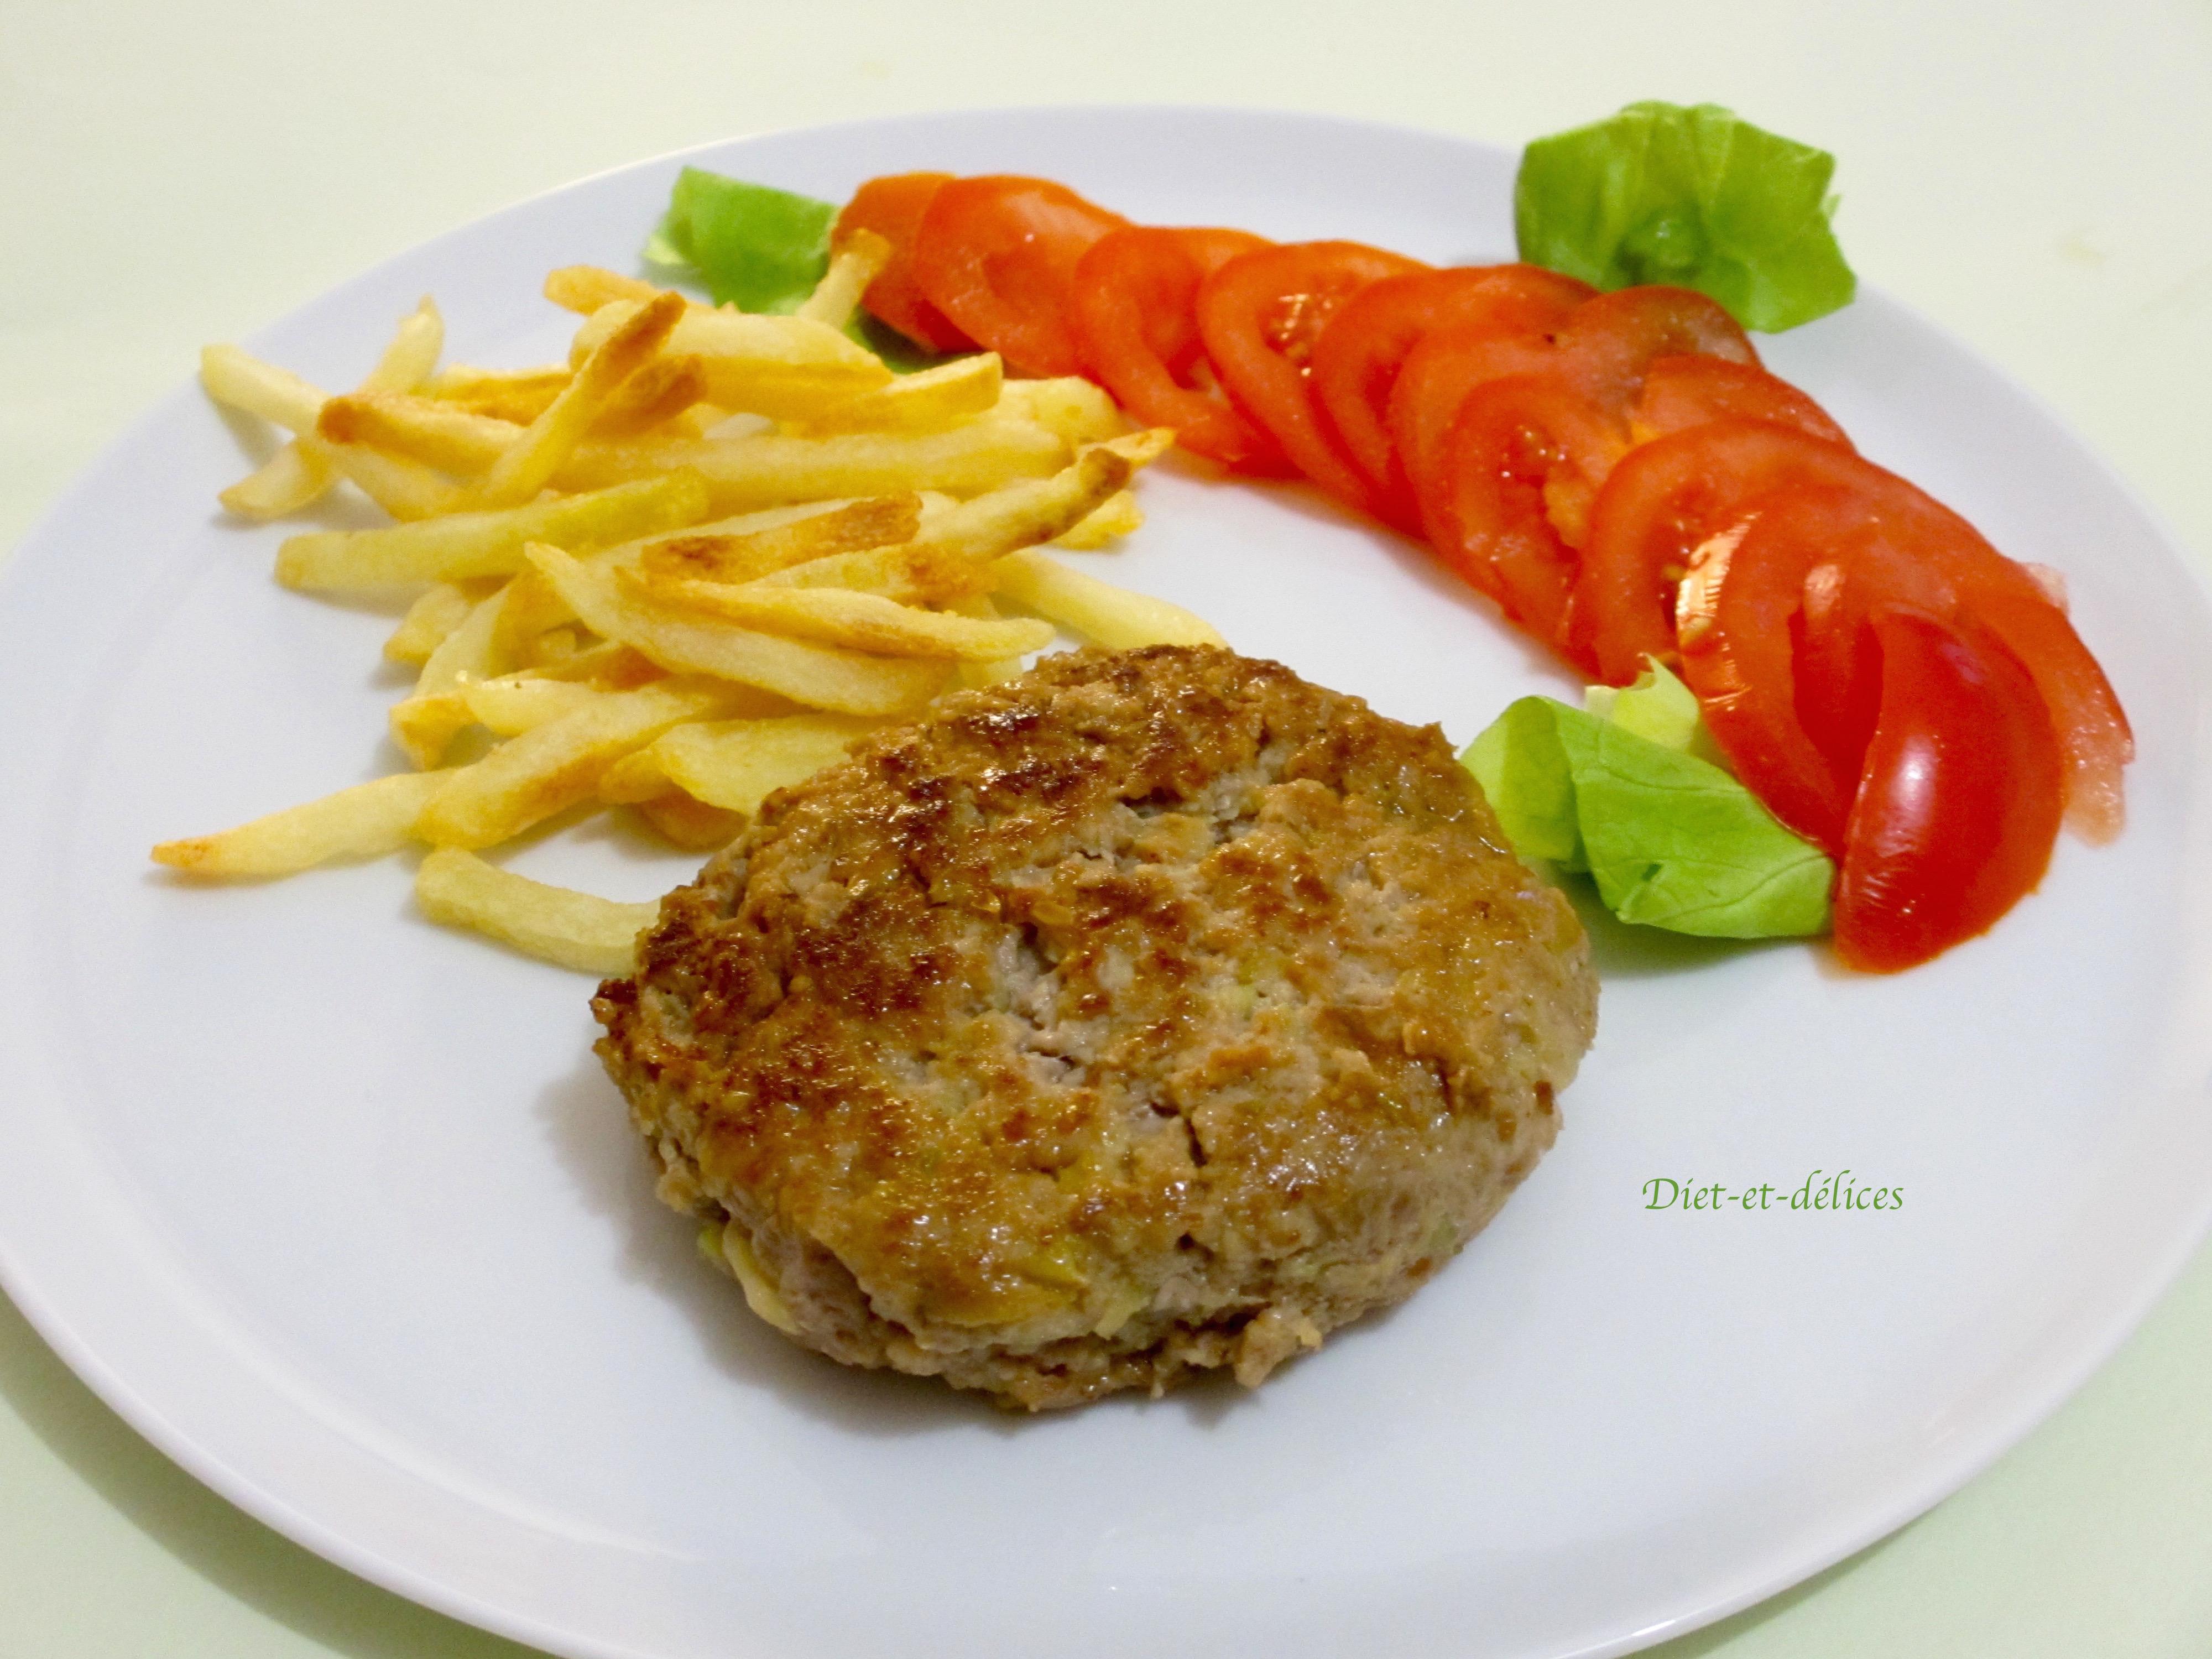 Steak hach de veau la courgette diet d lices recettes diet tiques - Consomme de boeuf maison ...